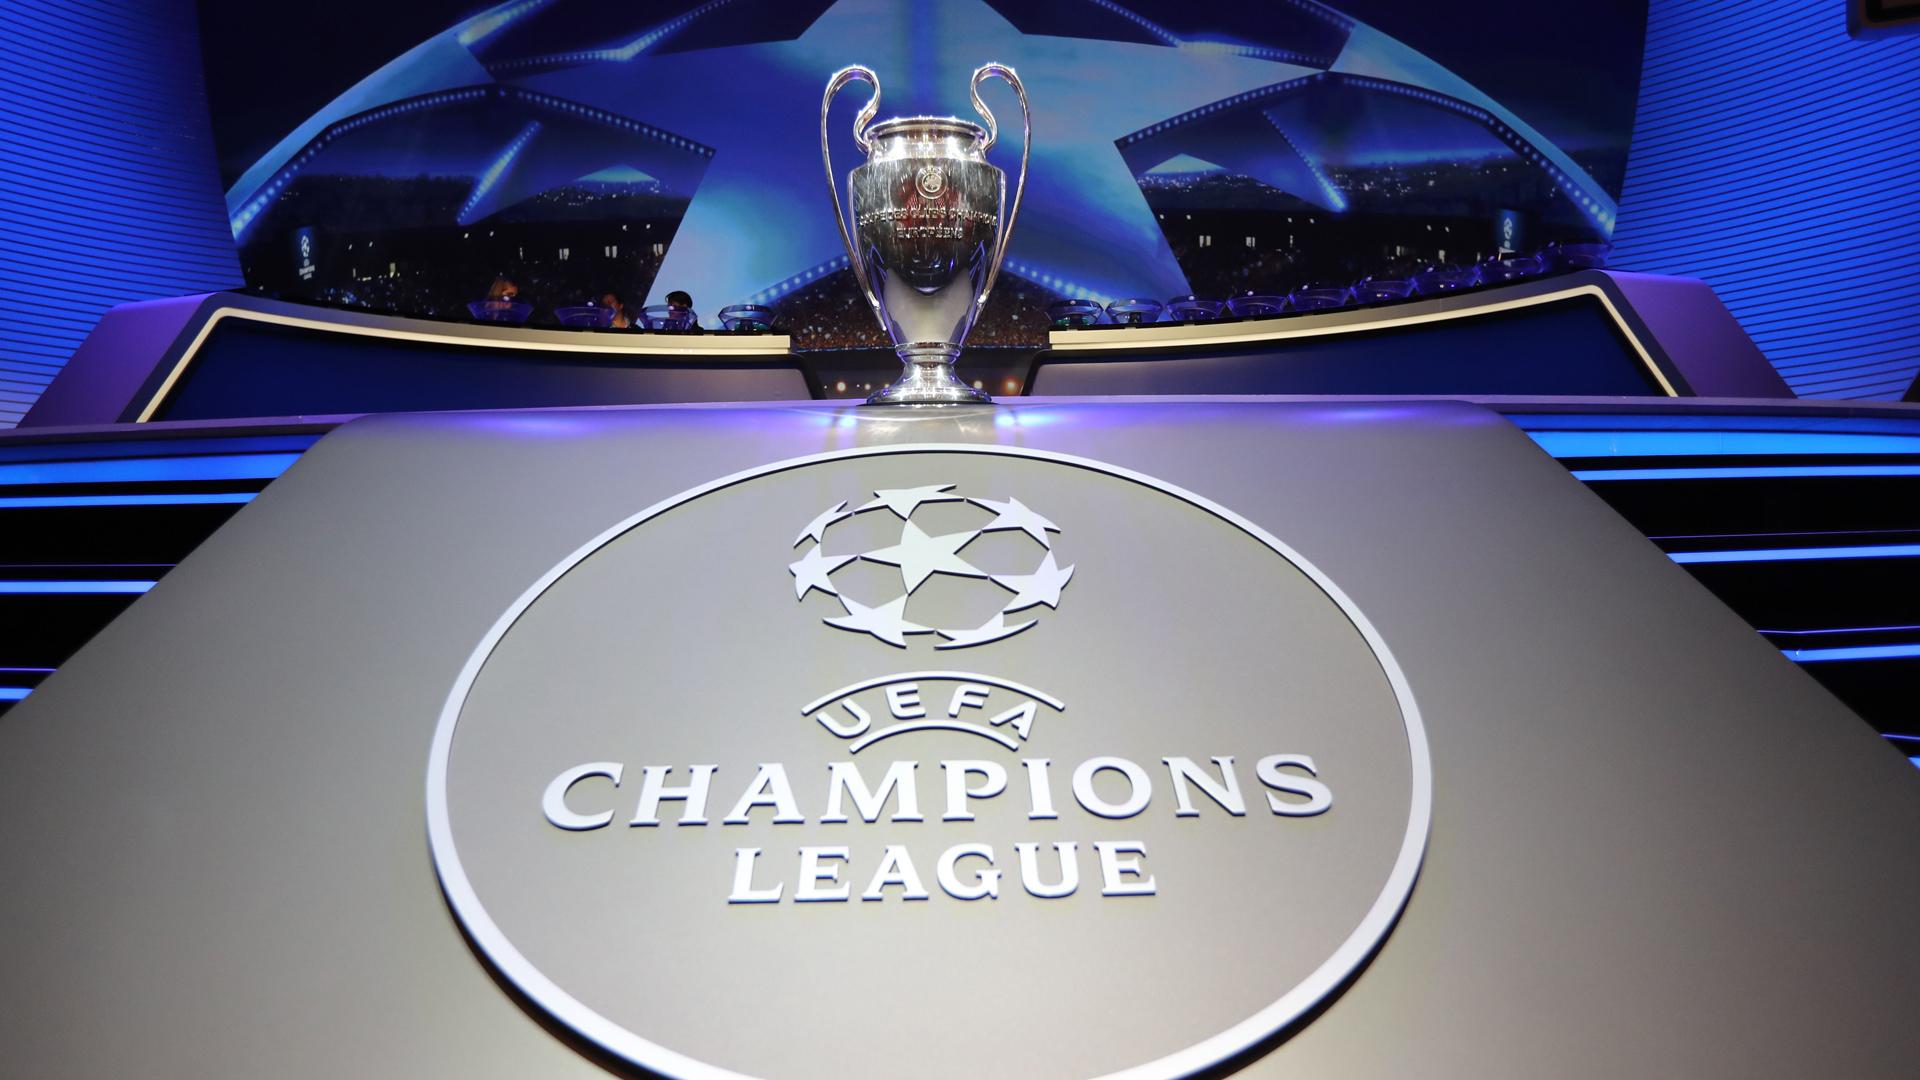 Calendario Quarti Di Finale Champions League.Champions League 2018 2019 Dove Vederla In Tv E Streaming